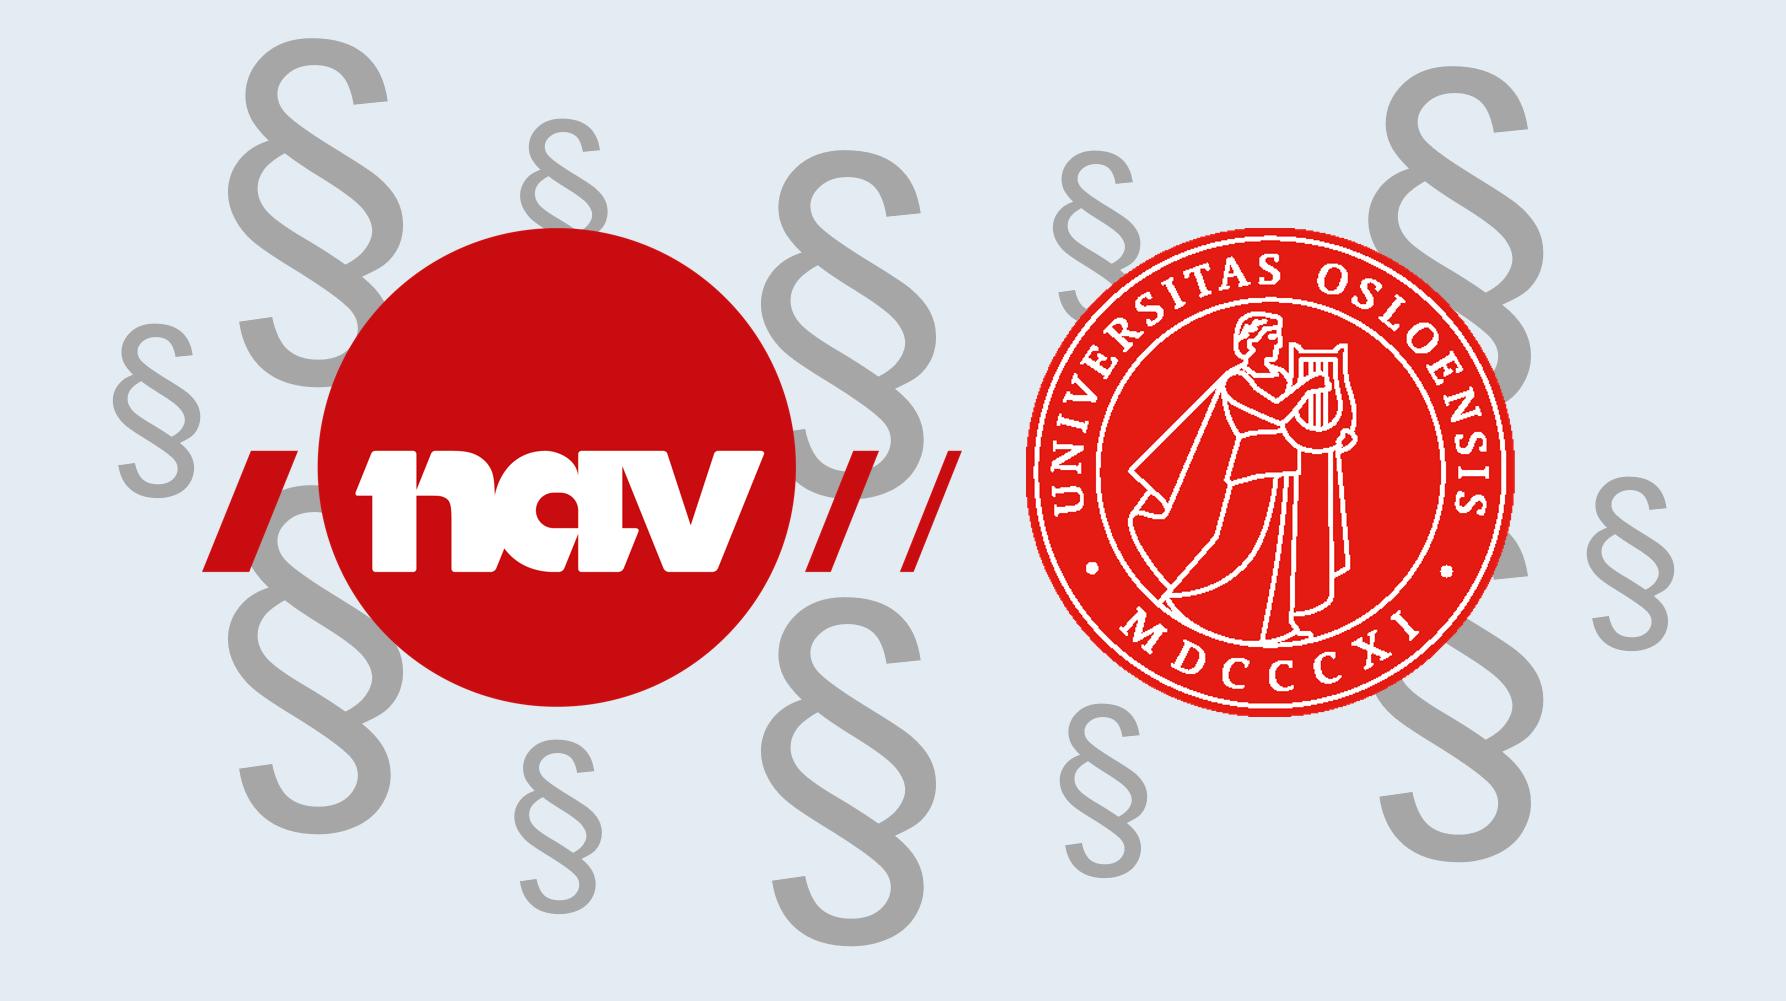 SAMABEID OM TRYGDERETT: Arbeids- og velferdsdirektoratet og Det juridiske fakultet  ved Universitetet i Oslo har inngått en samarbeidsavtale som skal bidra til mer forskning og økt kompetanse innenfor området trygderett. (Illustrasjon: NAV)